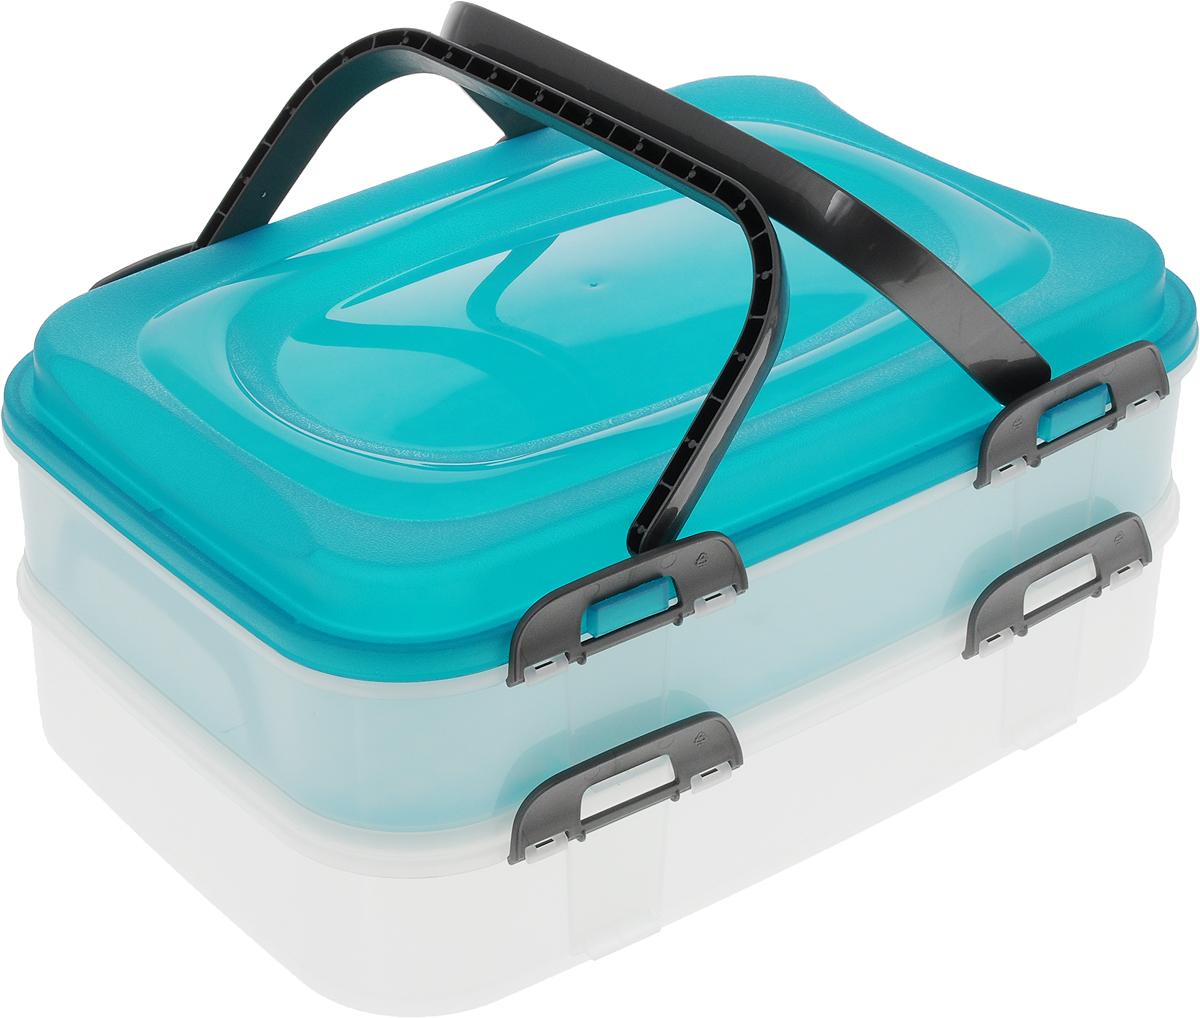 Набор контейнеров Axentia Бокс-сет, цвет: бирюзовый, прозрачный, 2 шт116833_бирюзовыйНабор Axentia Бокс-сет, изготовленный из высококачественного пластика, состоит из 2 пищевых контейнеров. Изделия оснащены крышками с застежками и удобными ручками. Идеально подходят для бизнес-ланчей.